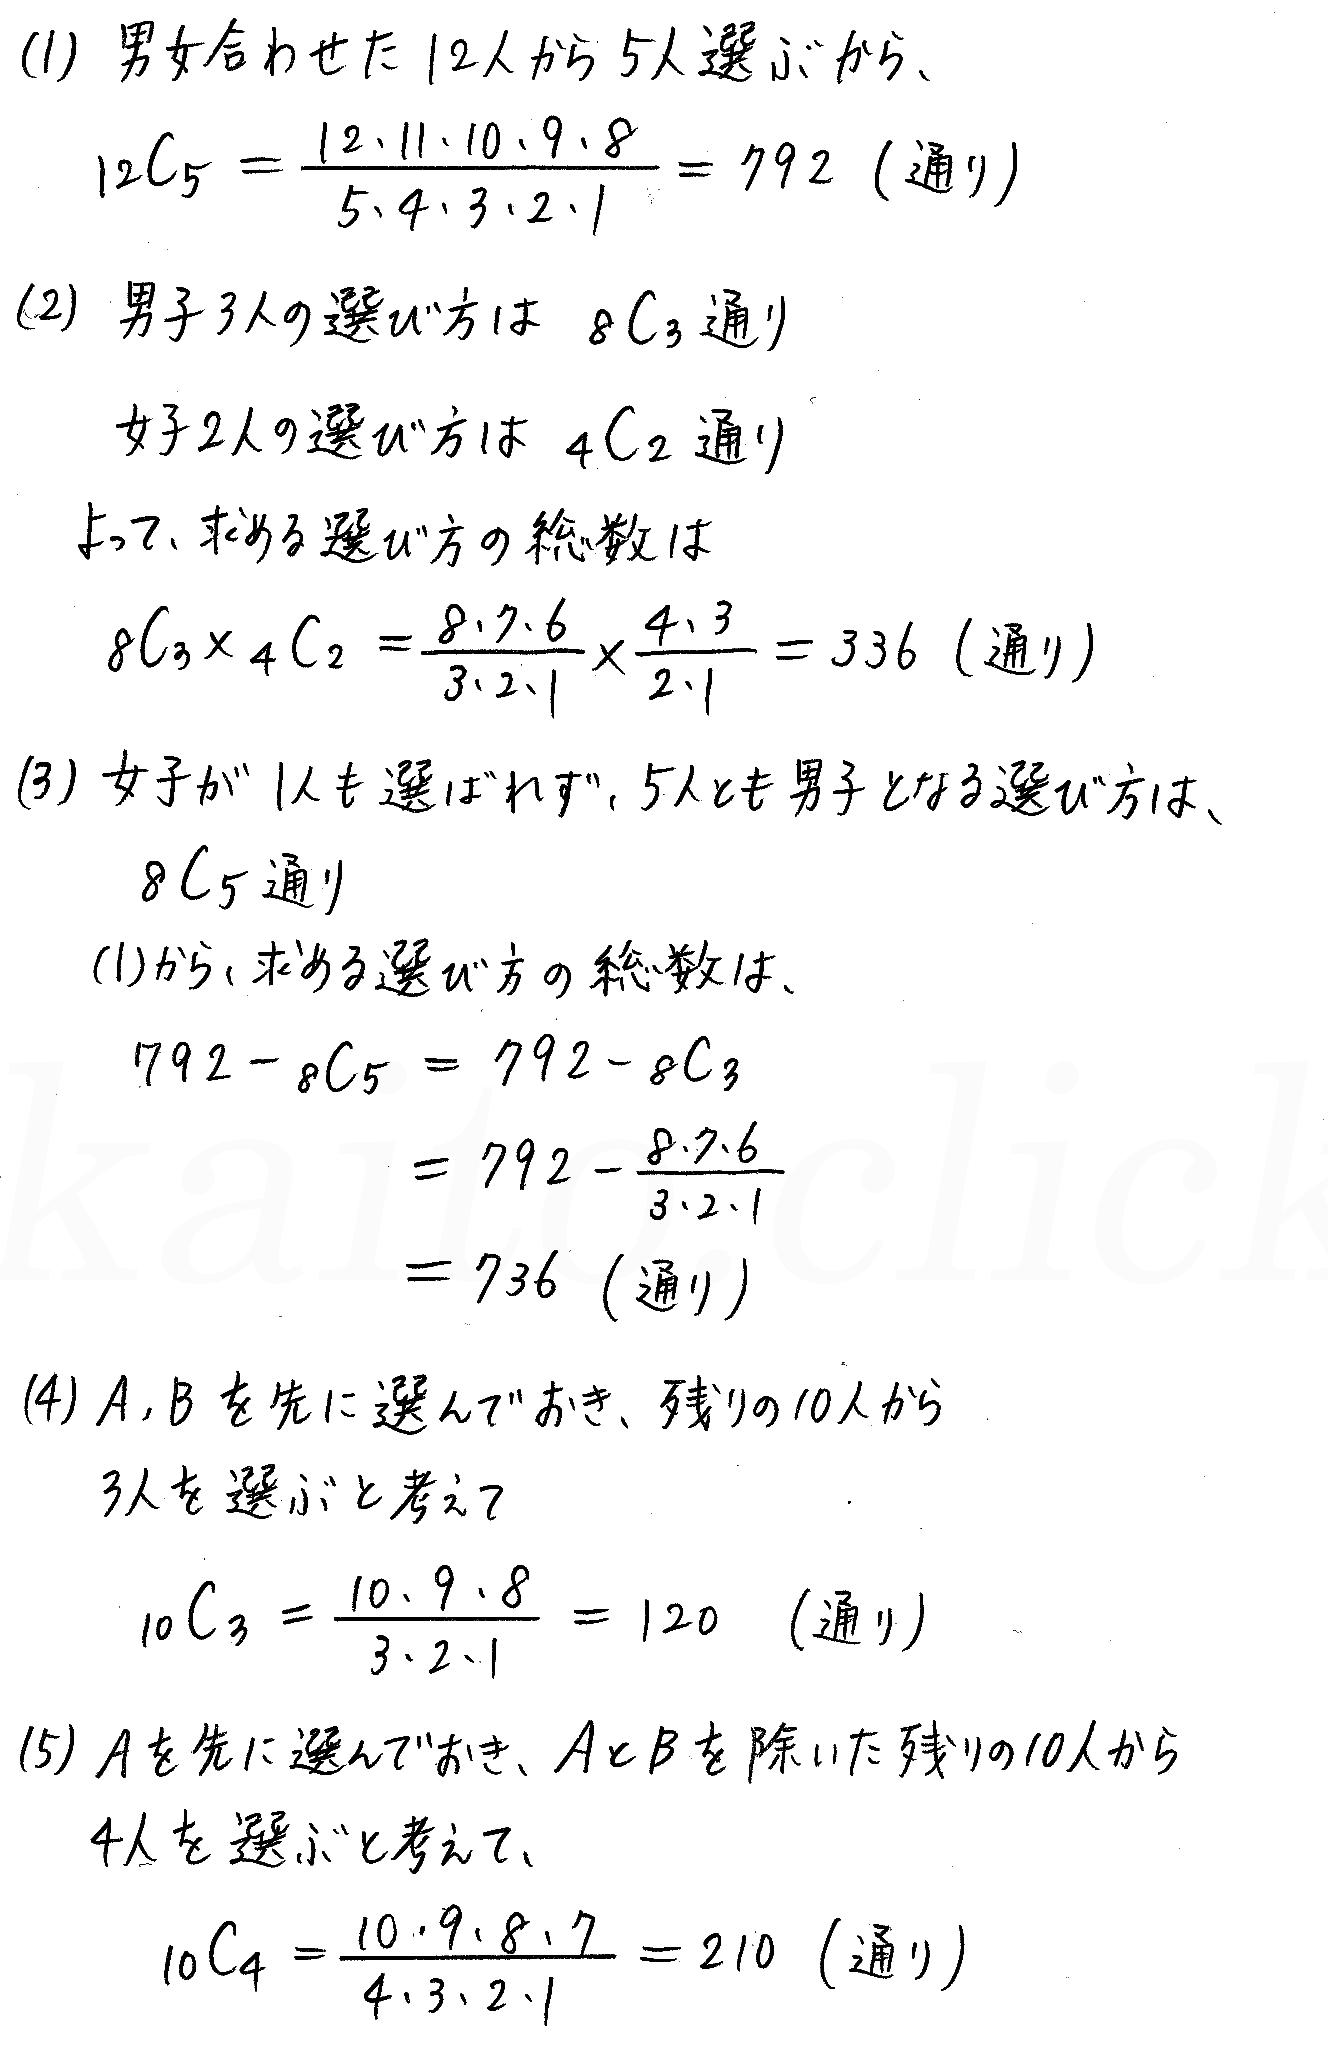 クリアー数学A-68解答